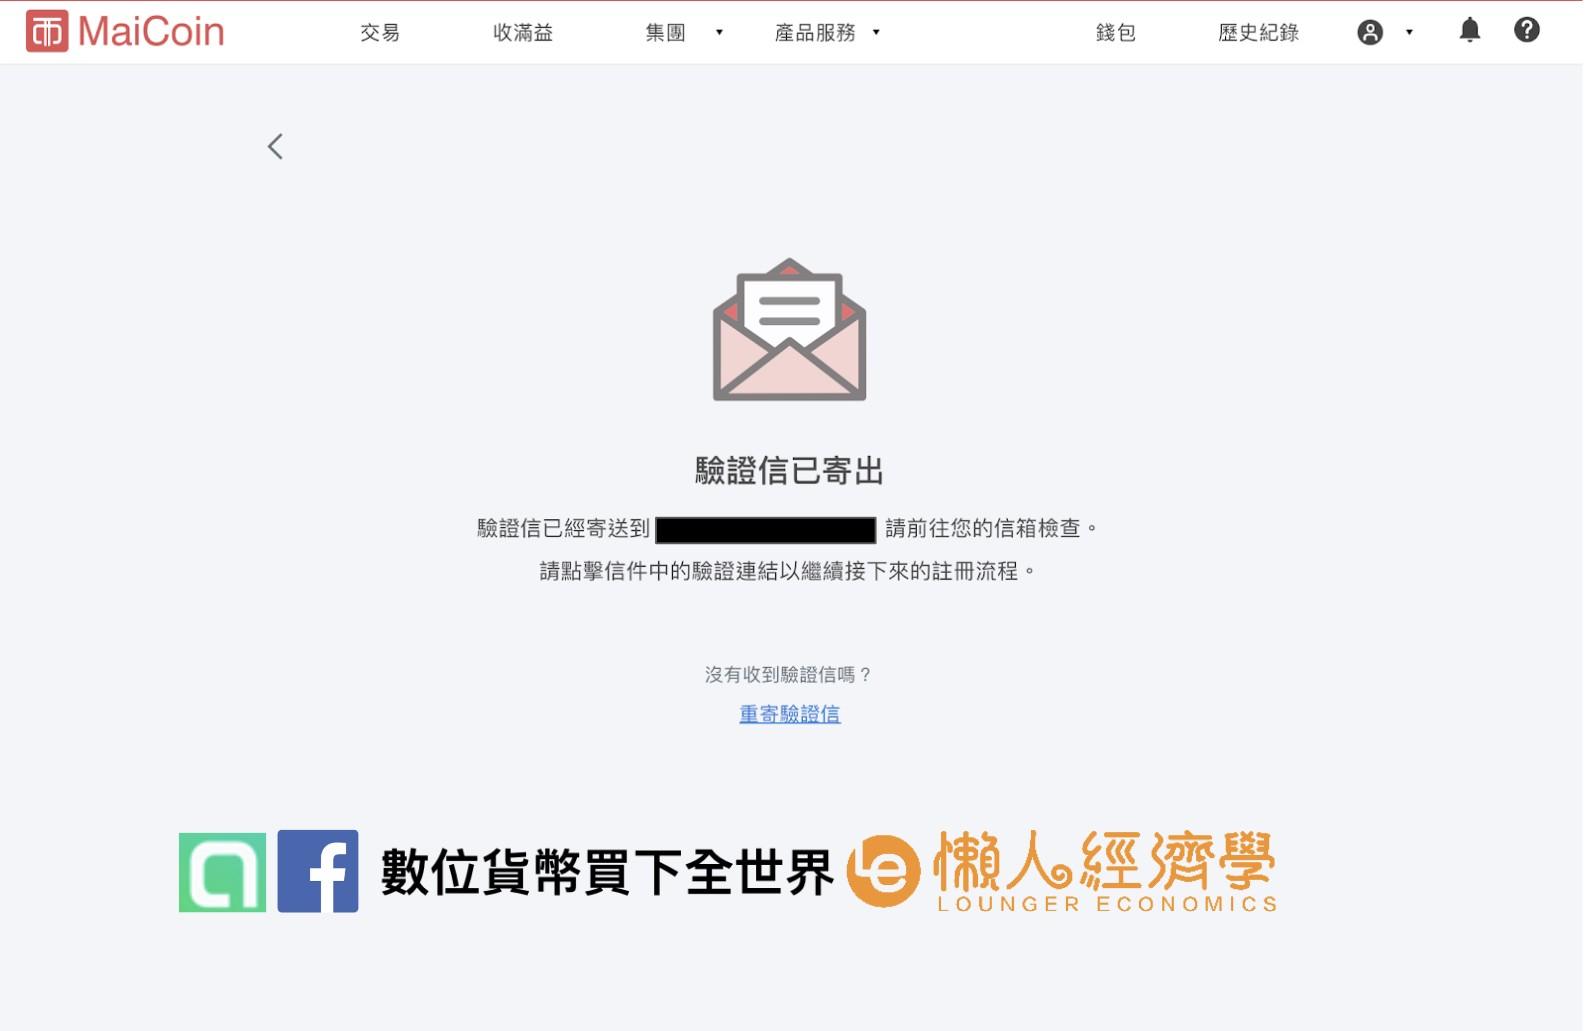 平台註冊流程:驗證信箱